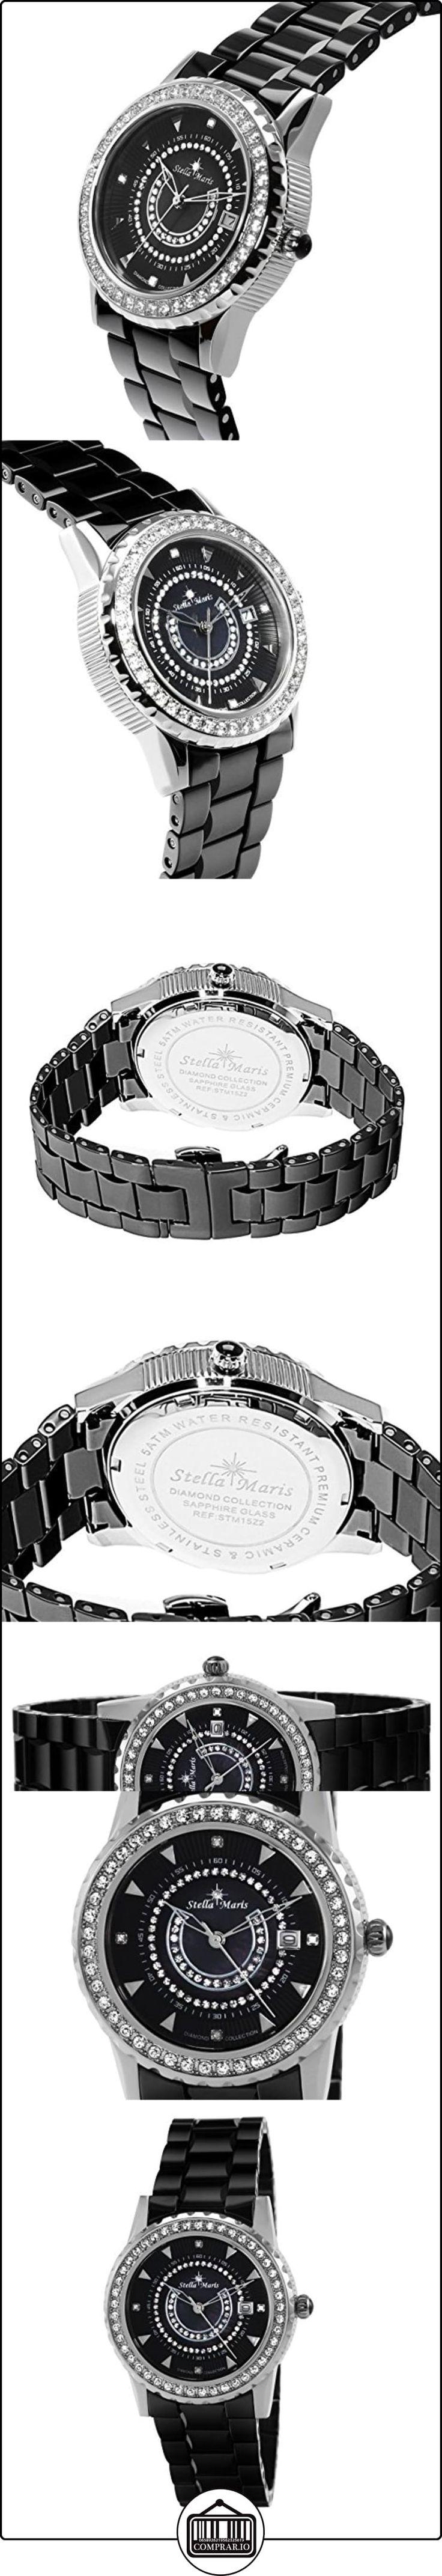 Stella Maris STM15Z2- Reloj pulsera analógico de cuarzo para mujer (con diamantes), correa de cerámica Blanco  ✿ Relojes para mujer - (Gama media/alta) ✿